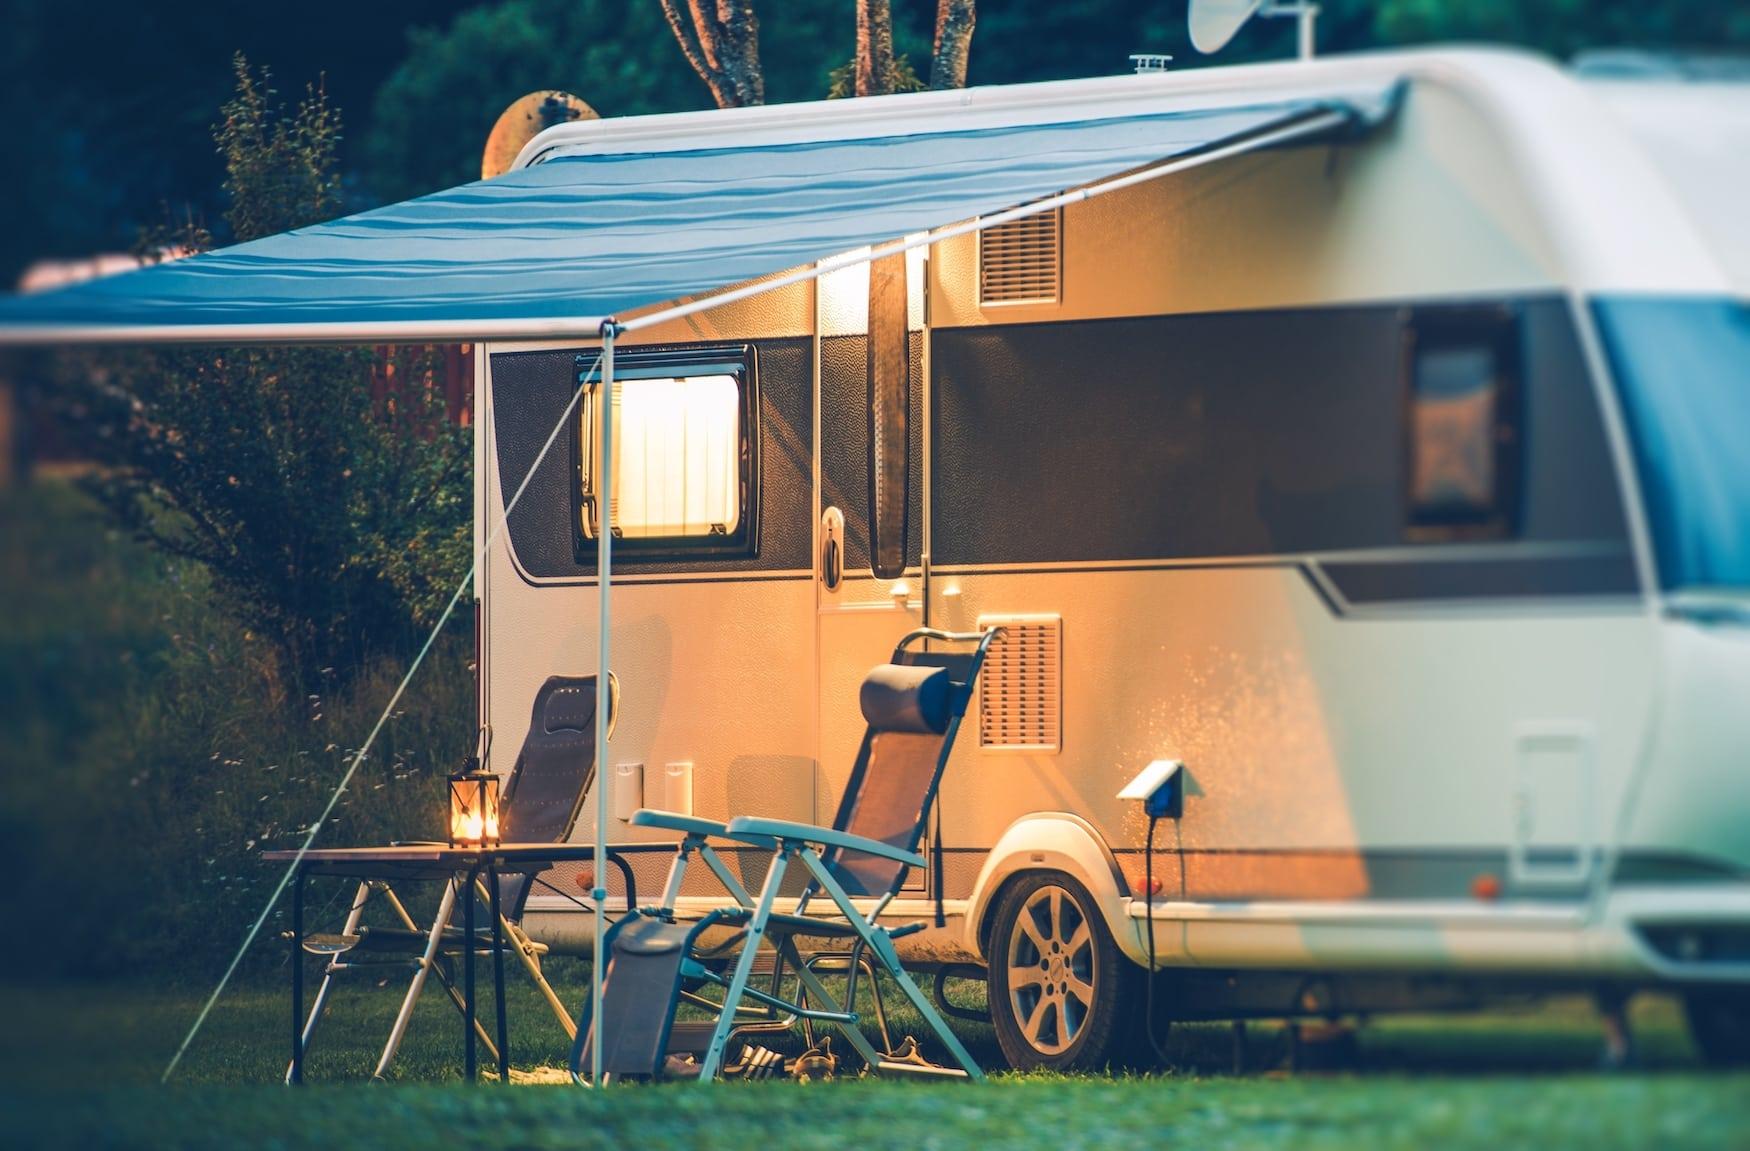 Wohnwagen mit Außenbeleuchtung auf Campingplatz in Köln